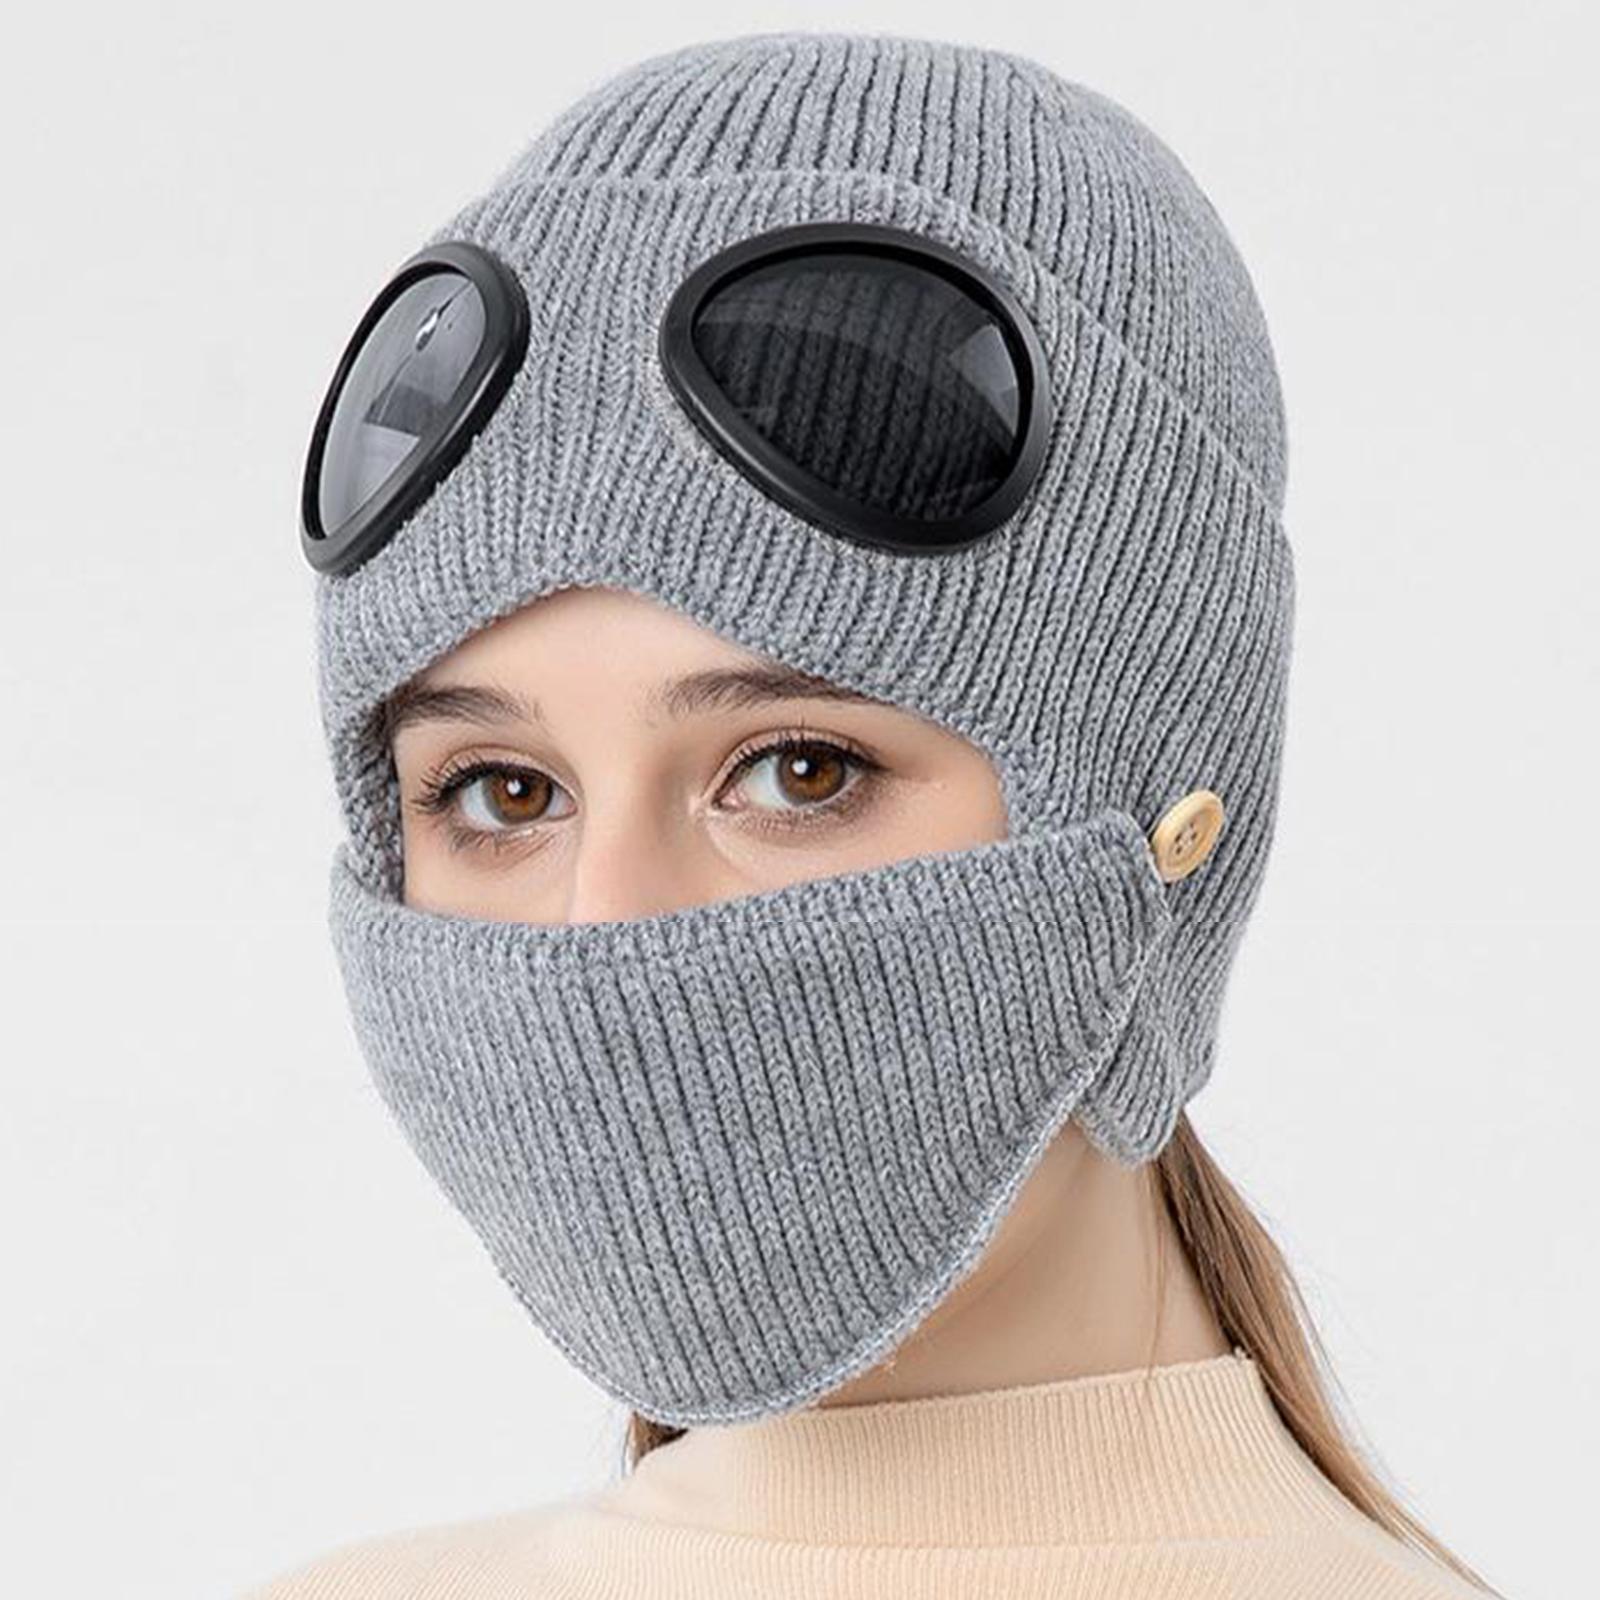 miniature 16 - Masque de tête de visage hiver bonnet chaud avec lunettes casquette d'oreille